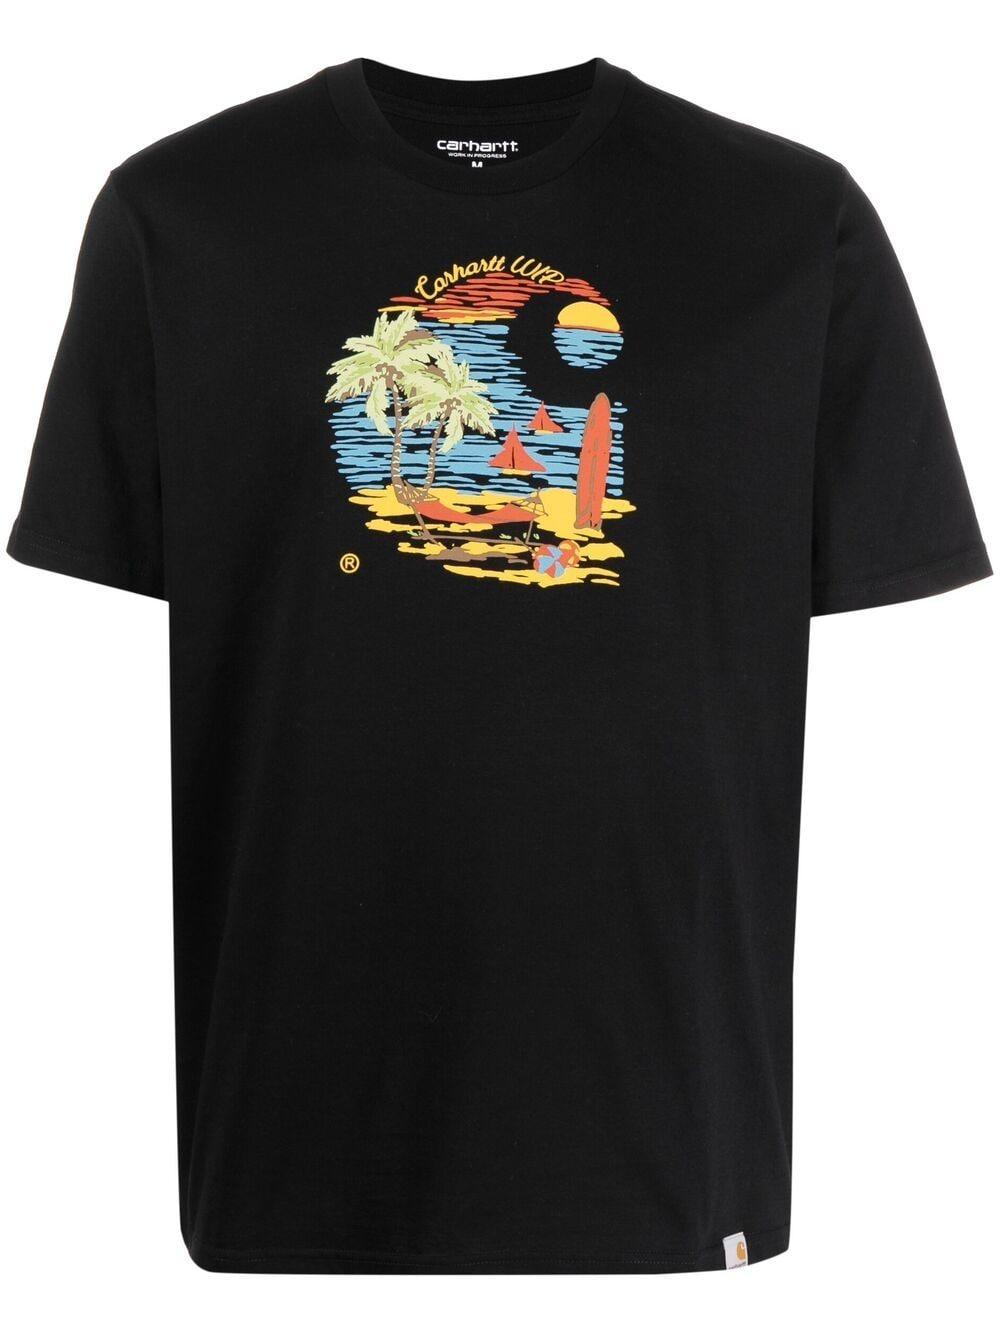 T-Shirt S/S Beach Uomo CARHARTT WIP | T-shirt | I029020.0389.00